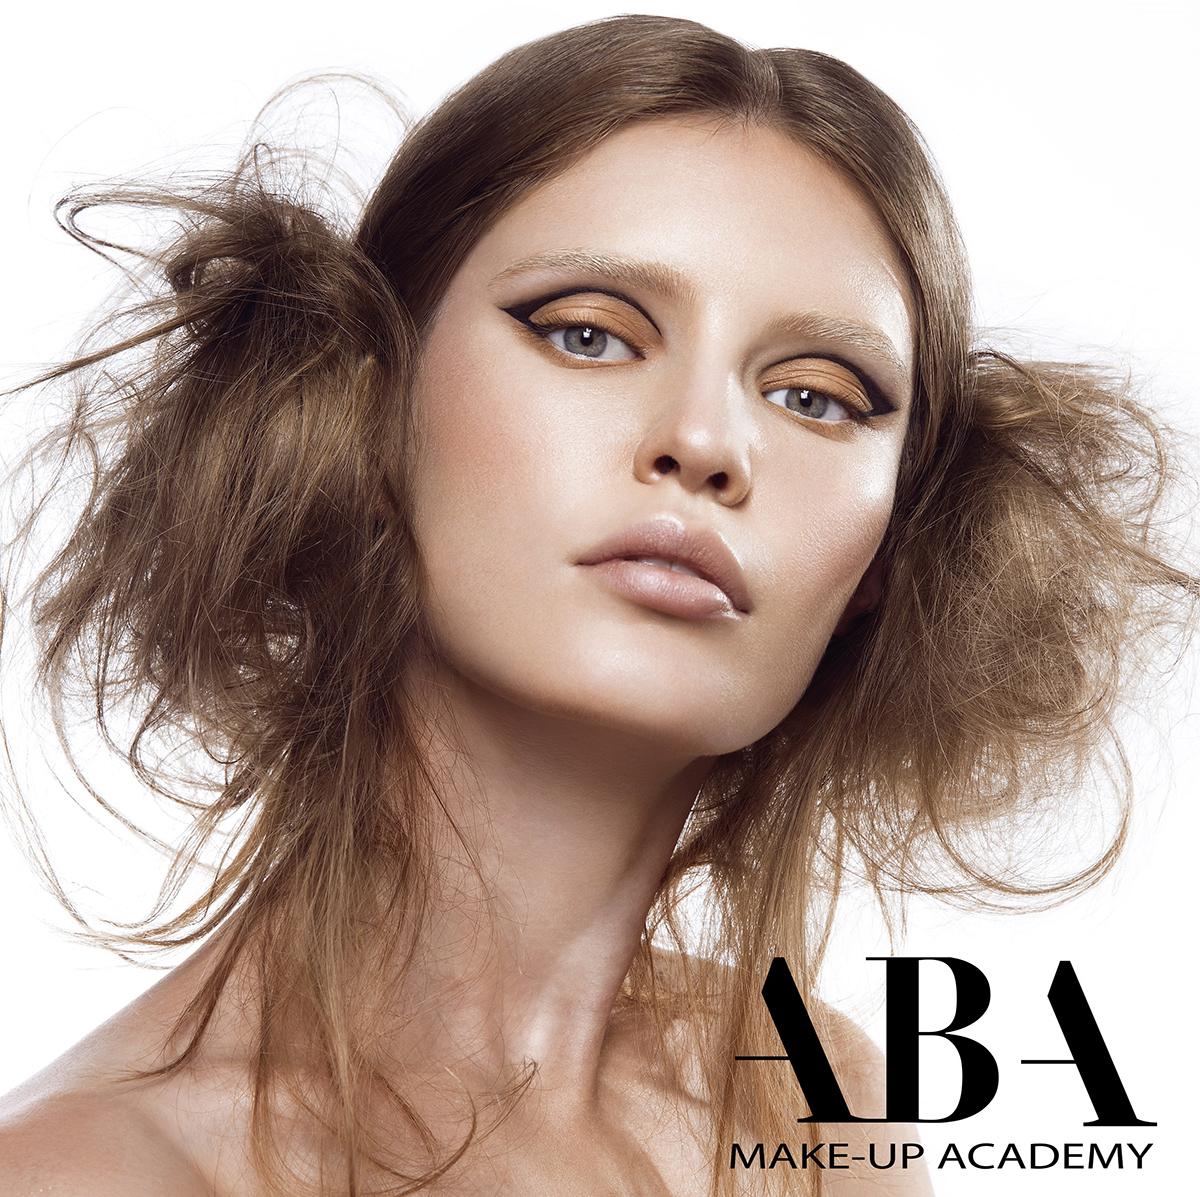 aba-make-up-academy-cursuri-de-machiaj-sustinute-de-alina-brailescu